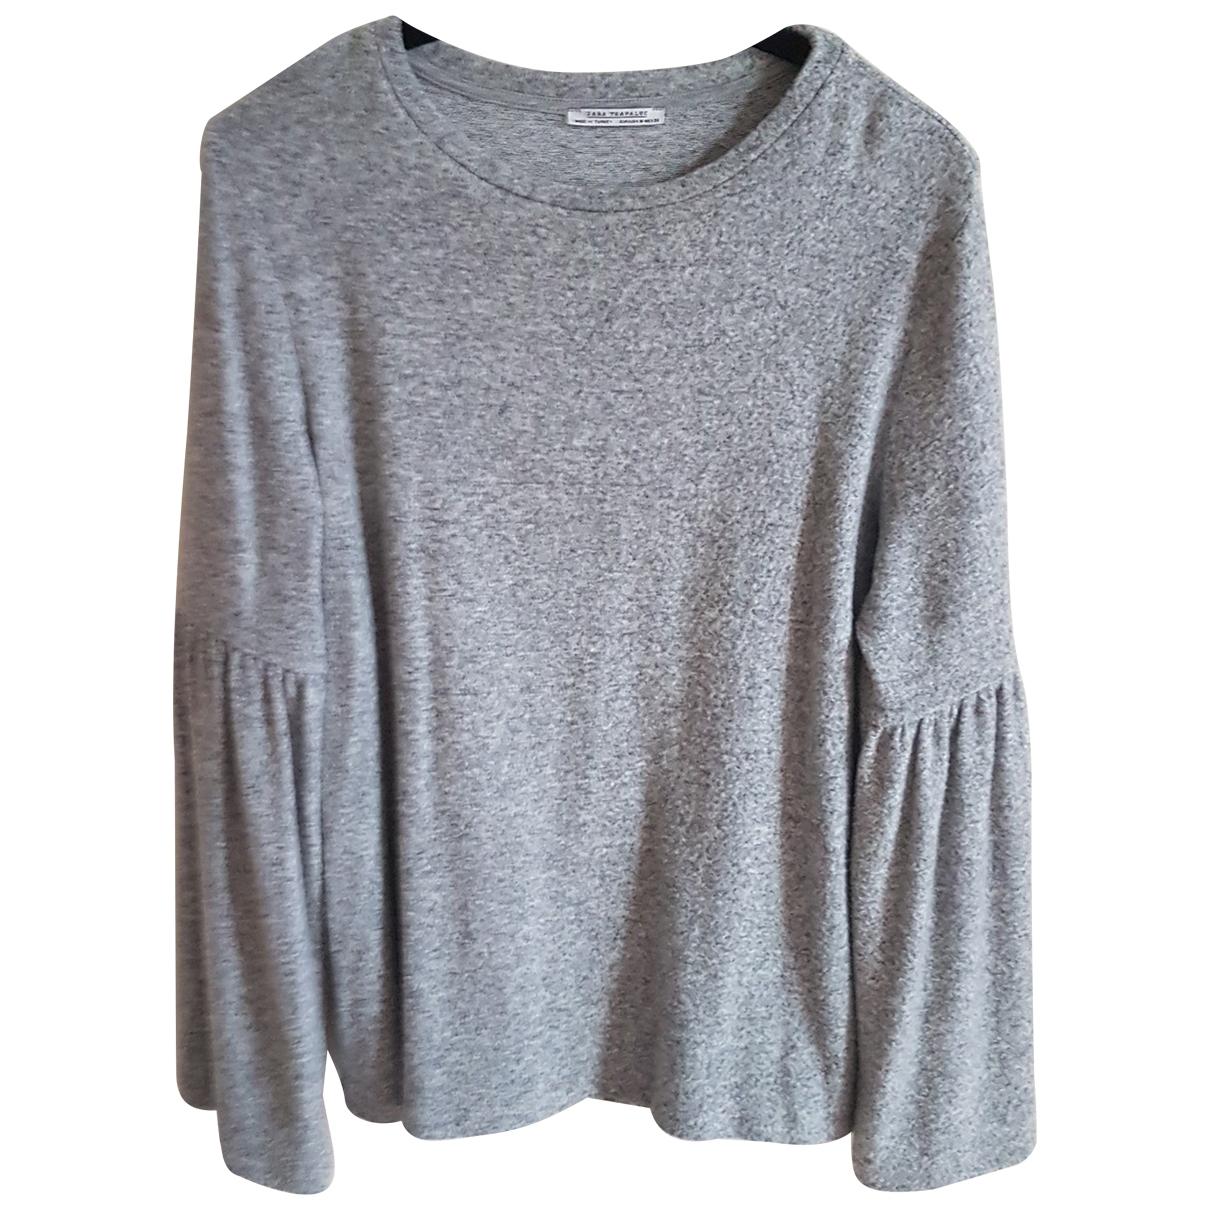 Zara \N Grey Knitwear for Women M International